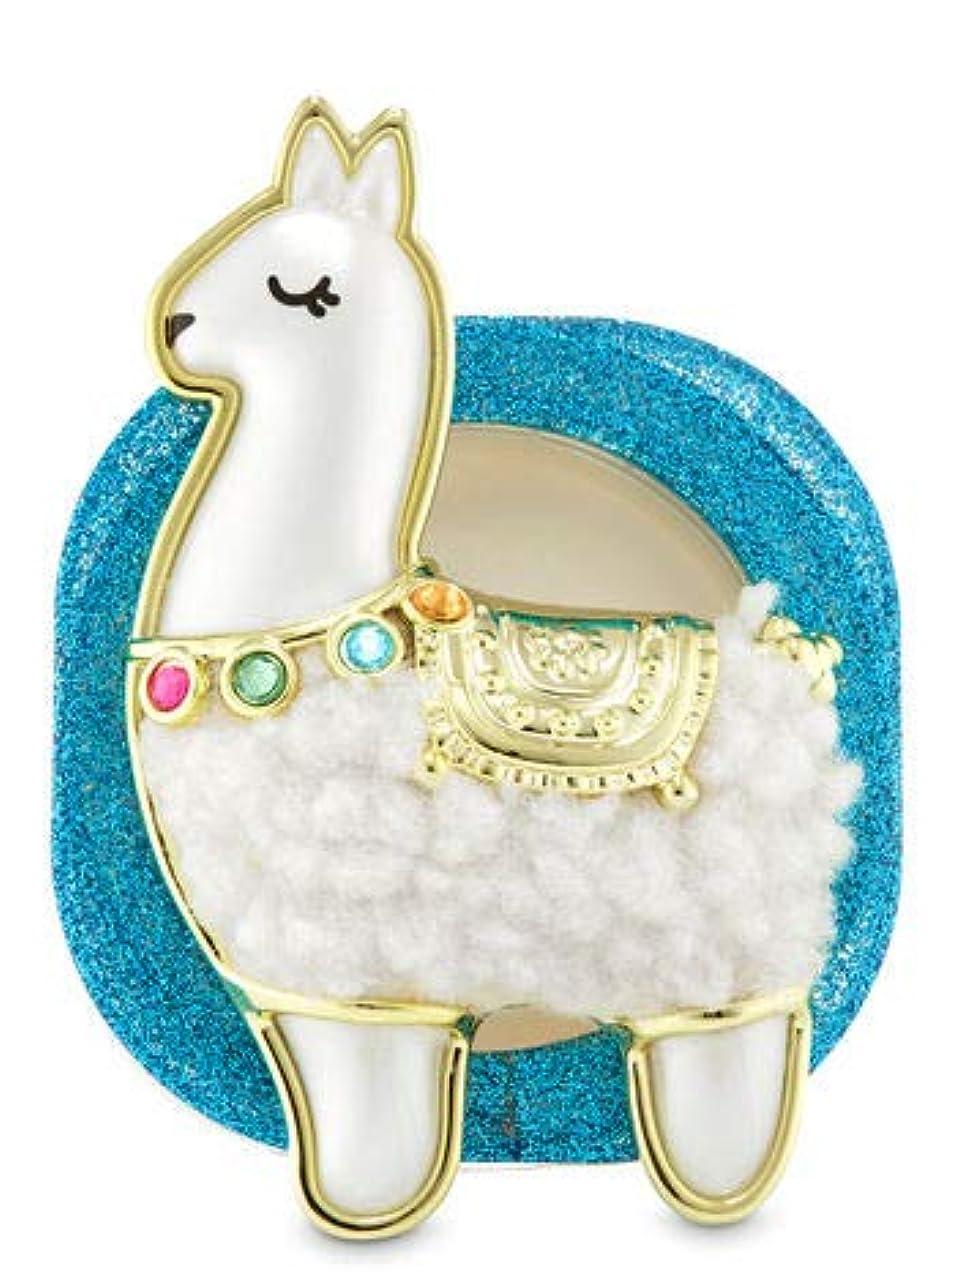 これまで苦味腹痛【Bath&Body Works/バス&ボディワークス】 クリップ式芳香剤 セントポータブル ホルダー (本体ケースのみ) ラマ Scentportable Holder Llama [並行輸入品]